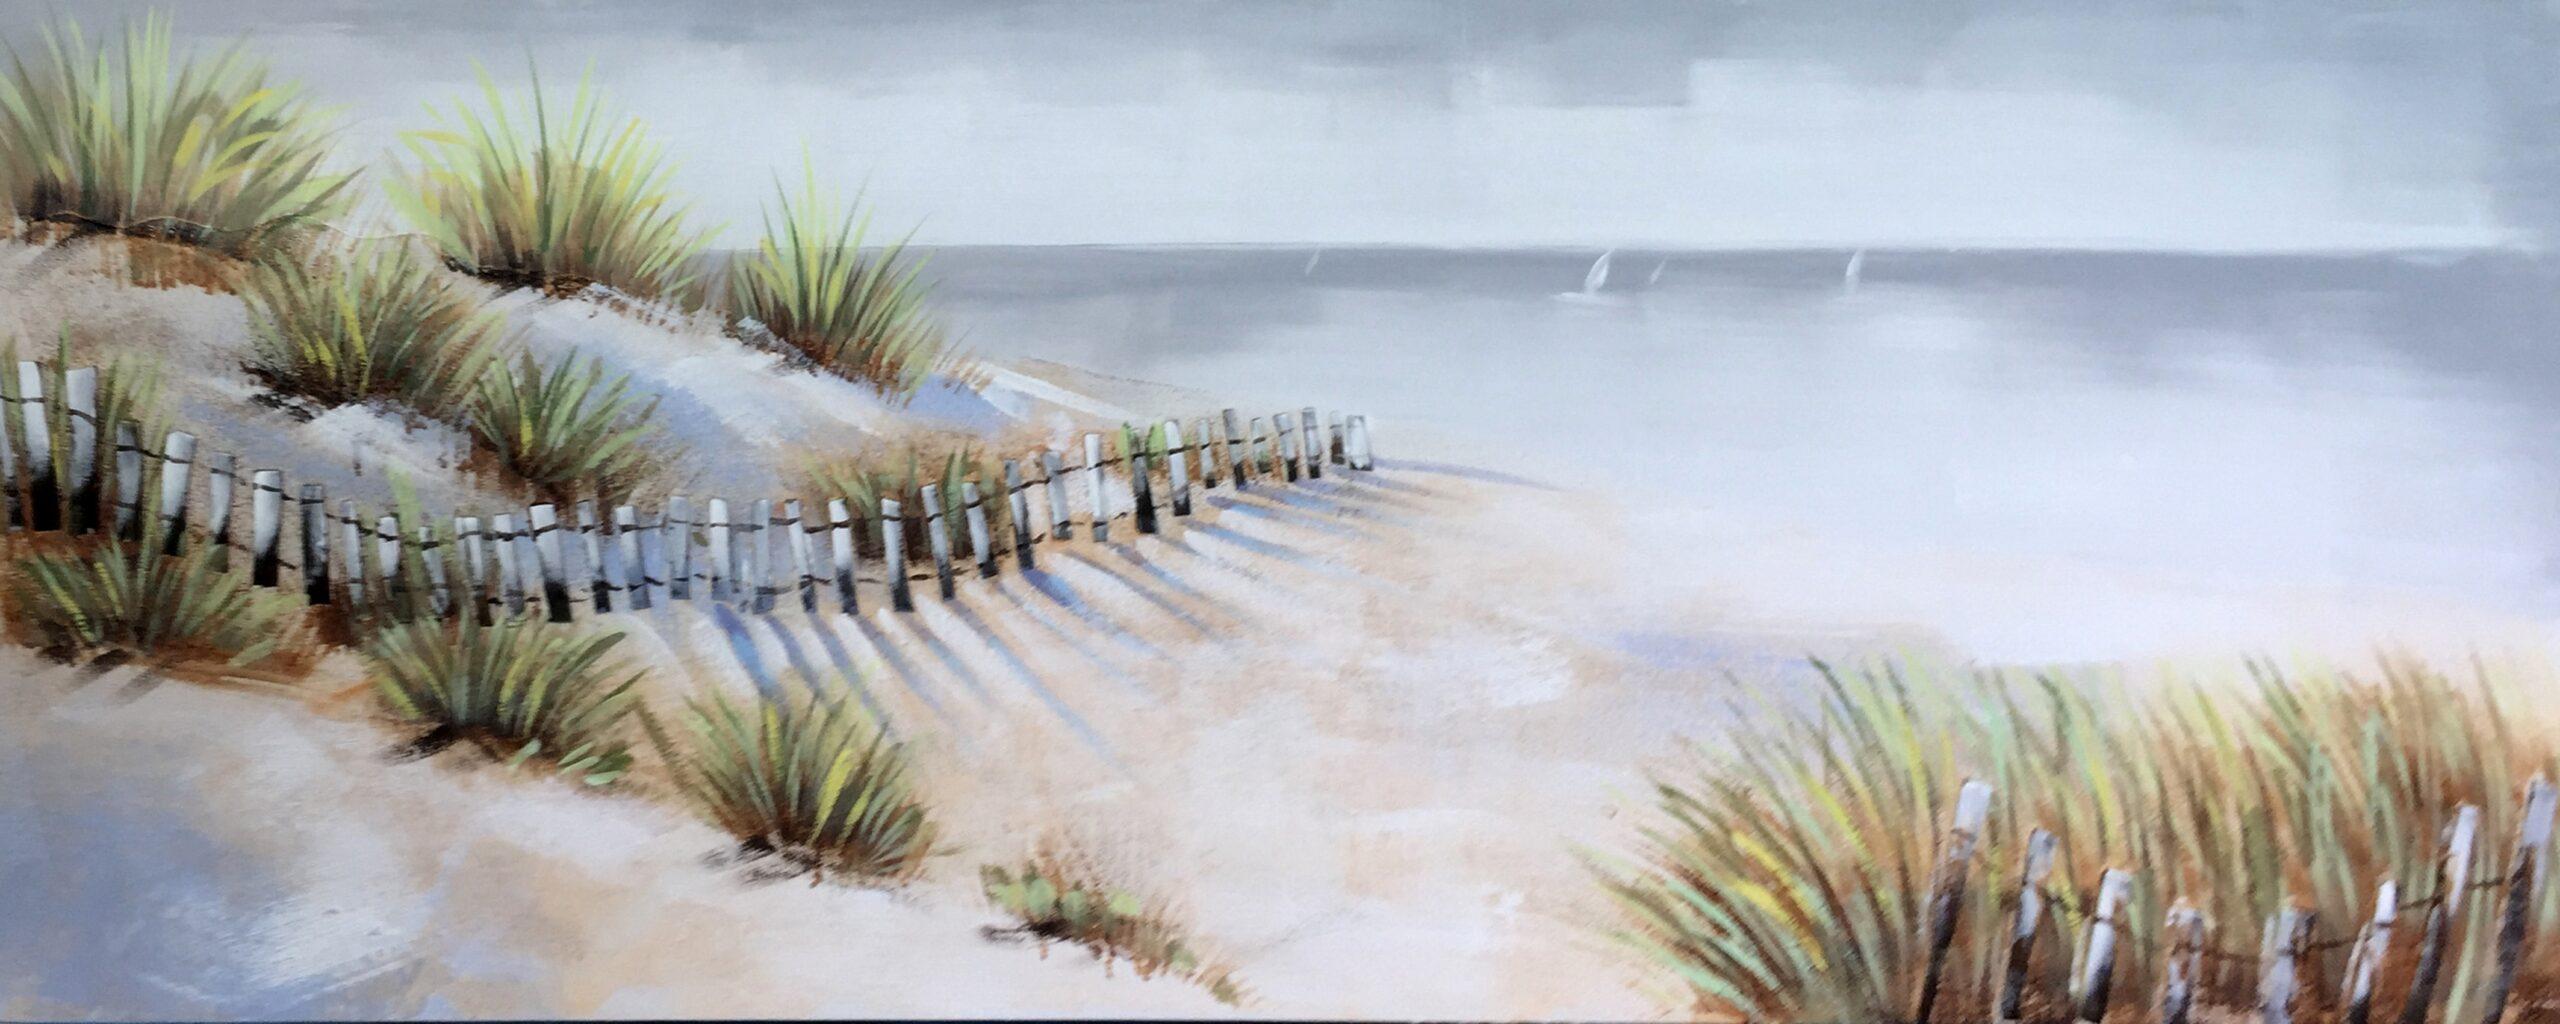 Schilderij Beachy View Duinen Oceaan GS-P0661